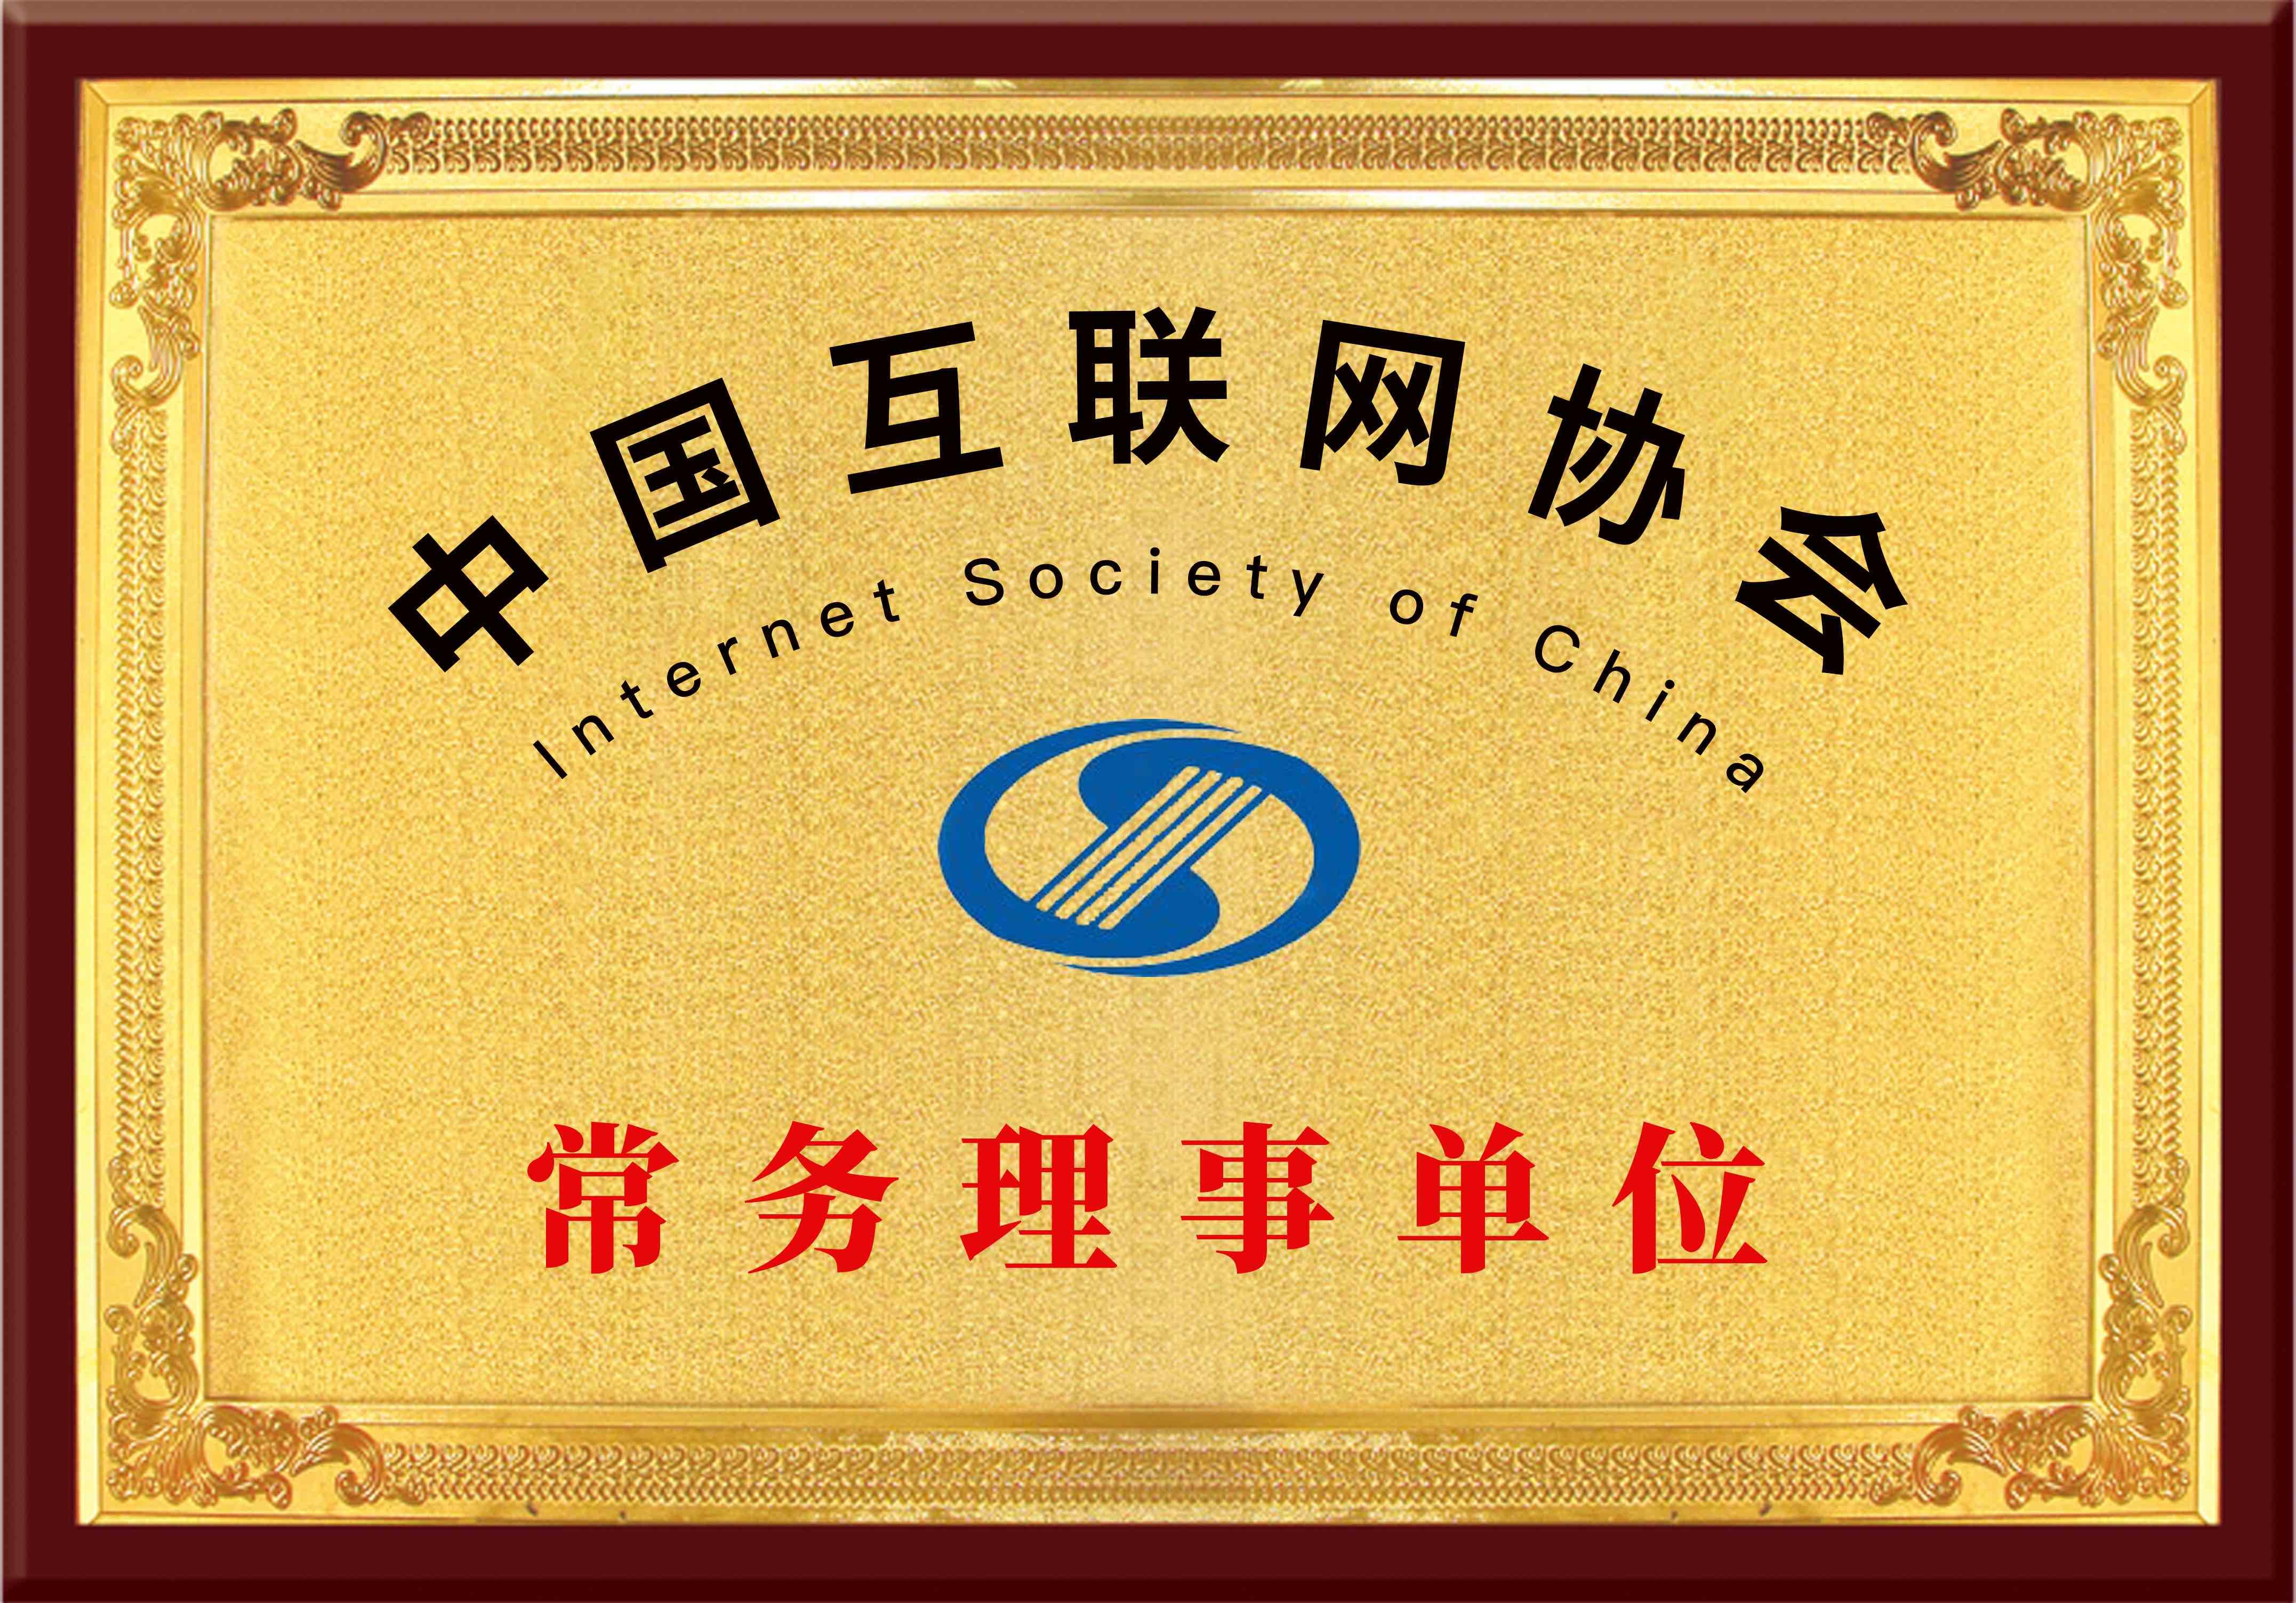 中国互联网协会常务理事单位.jpg